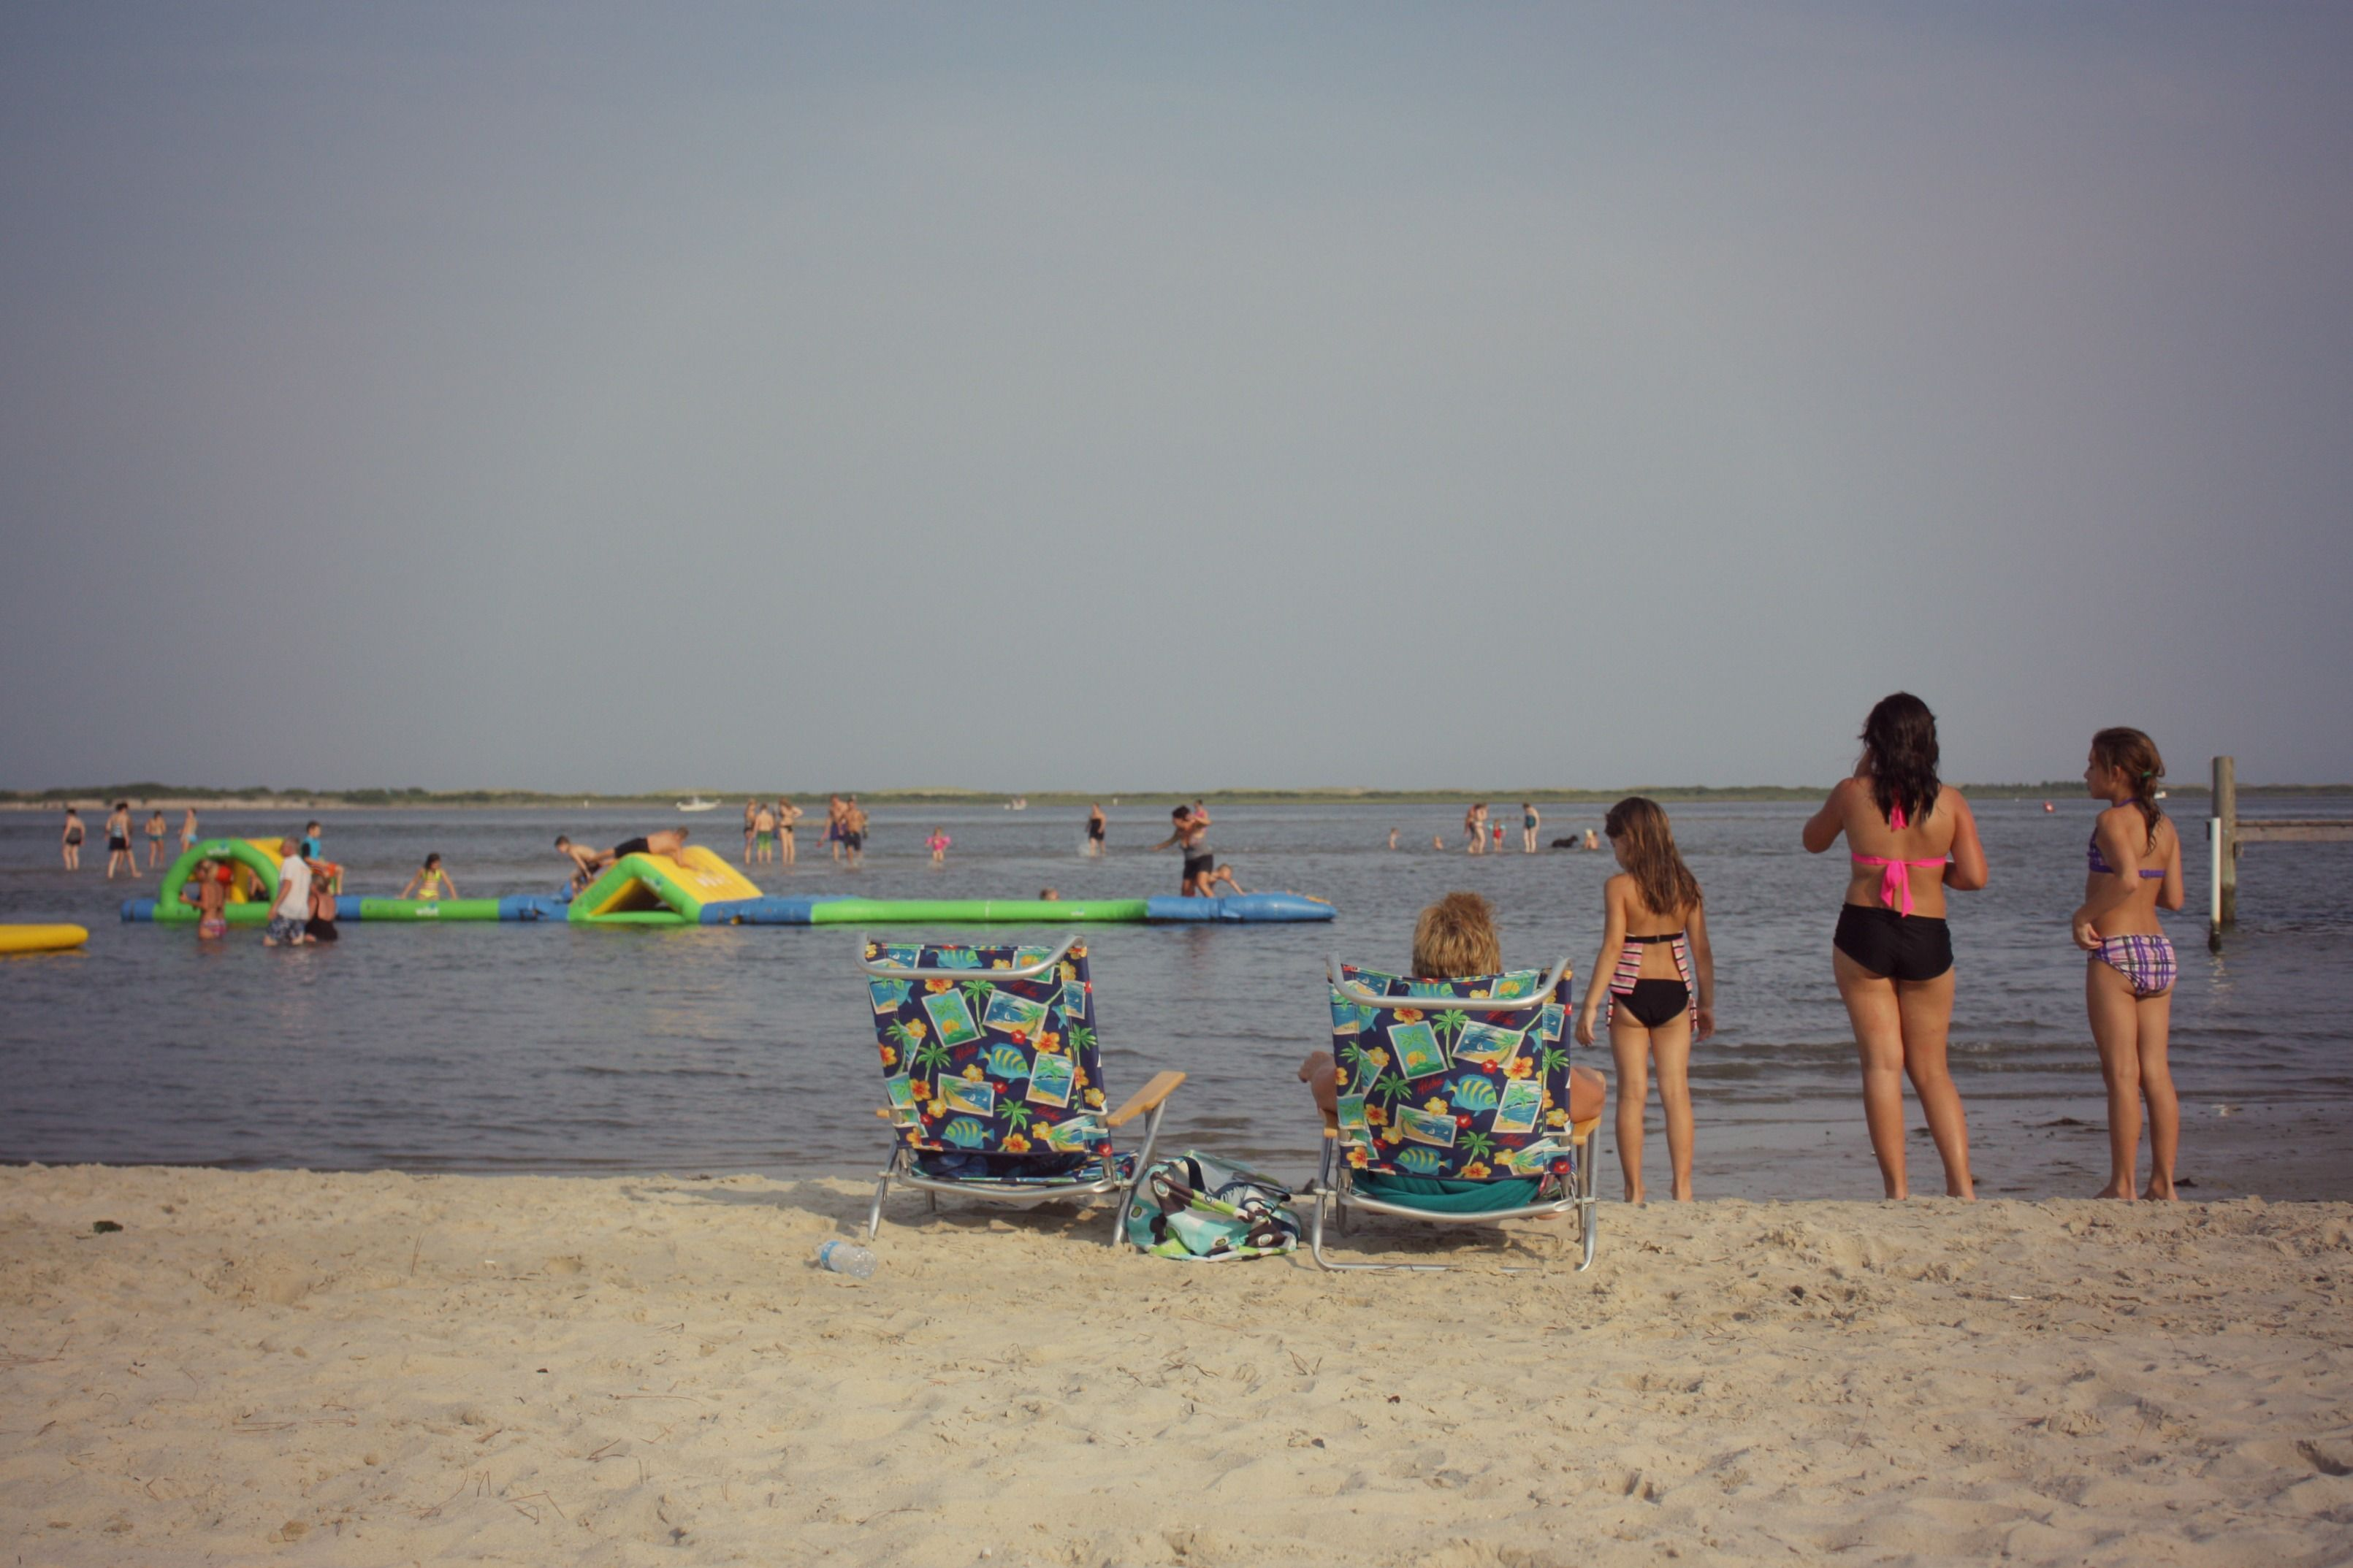 Casstaways Rv Resort and Campground , Ocean City MD www